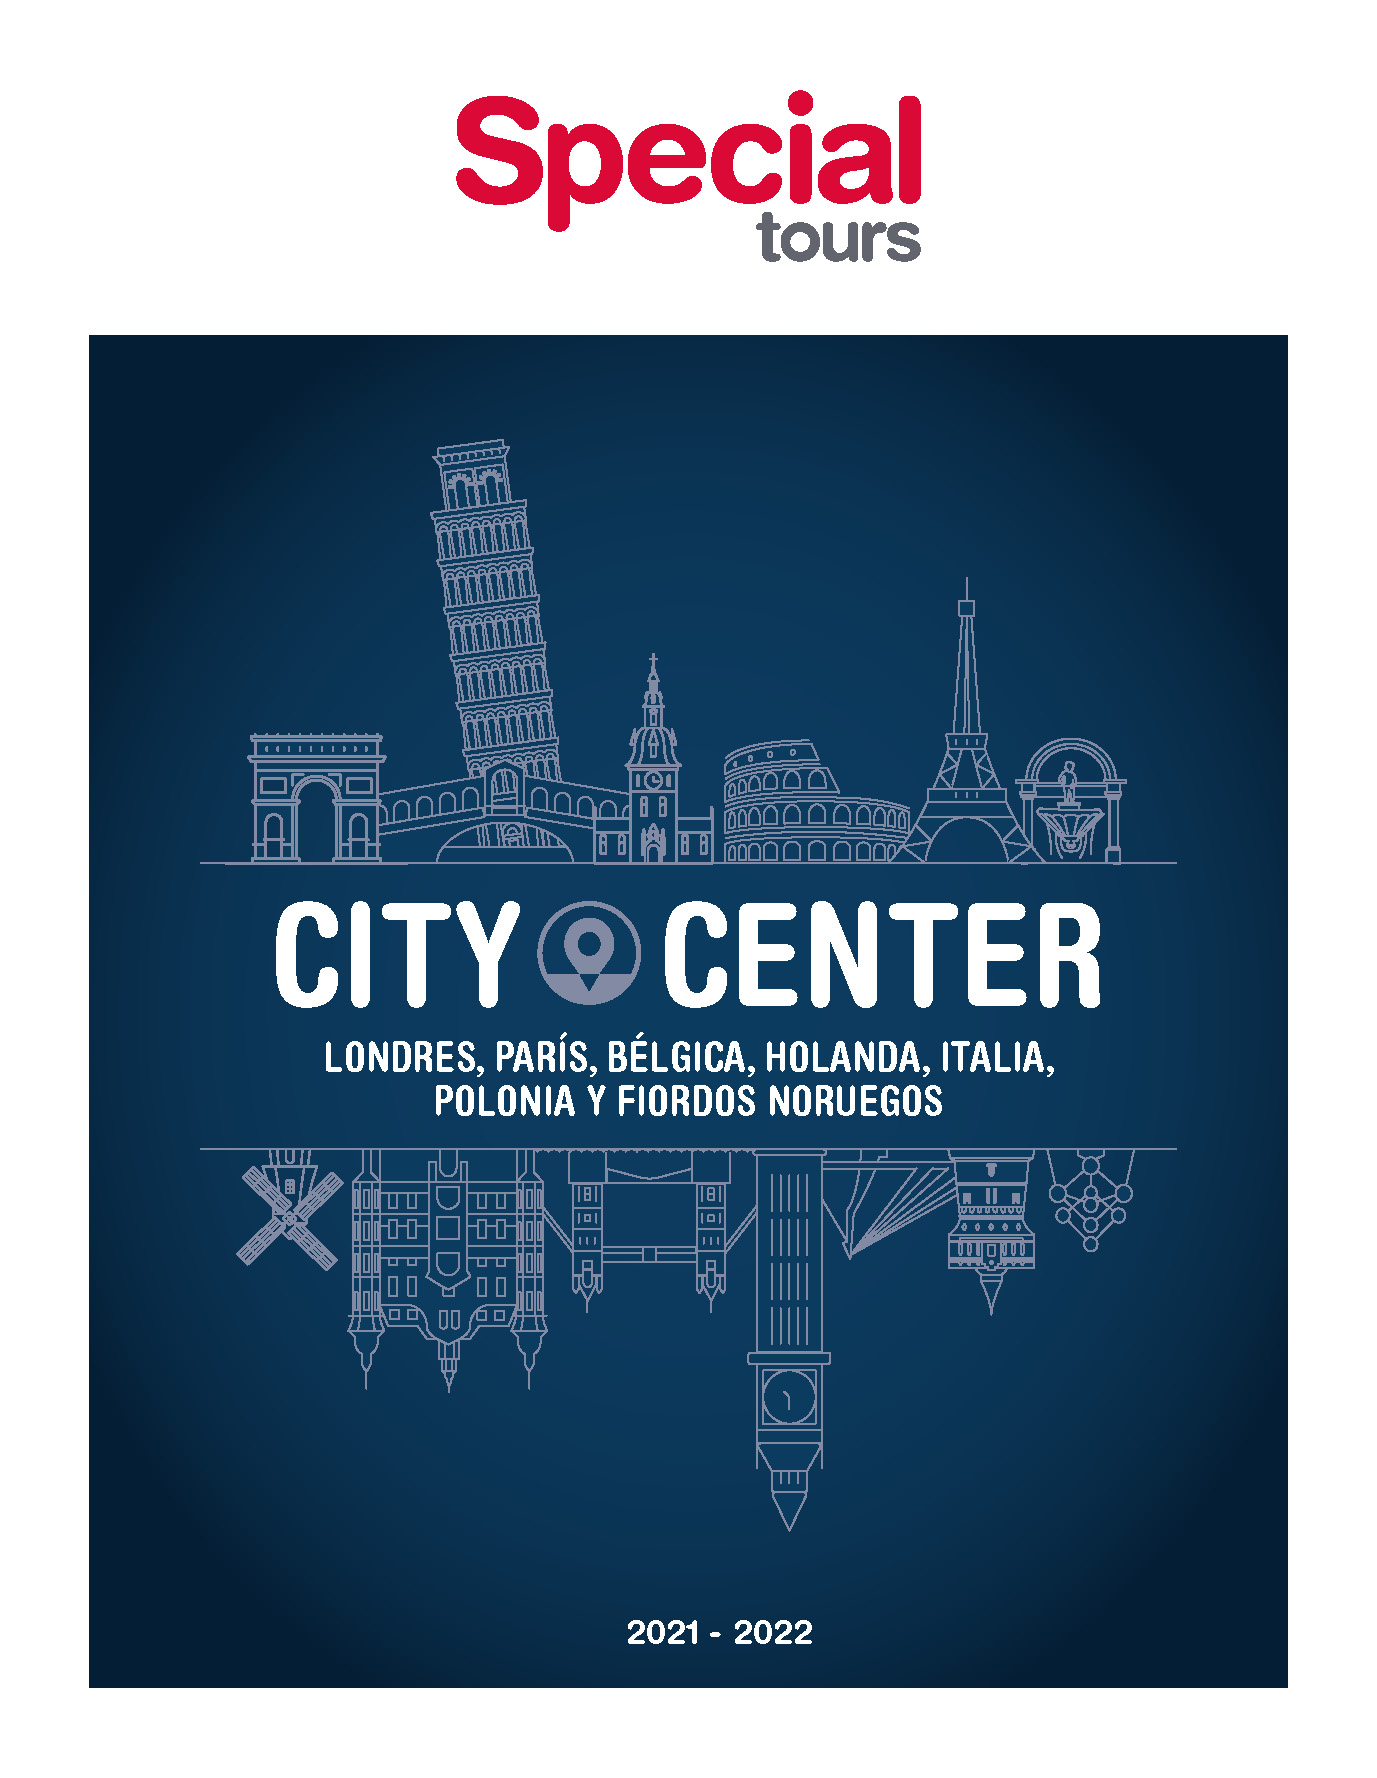 Catalogo Special Tours City Center 2021-2022